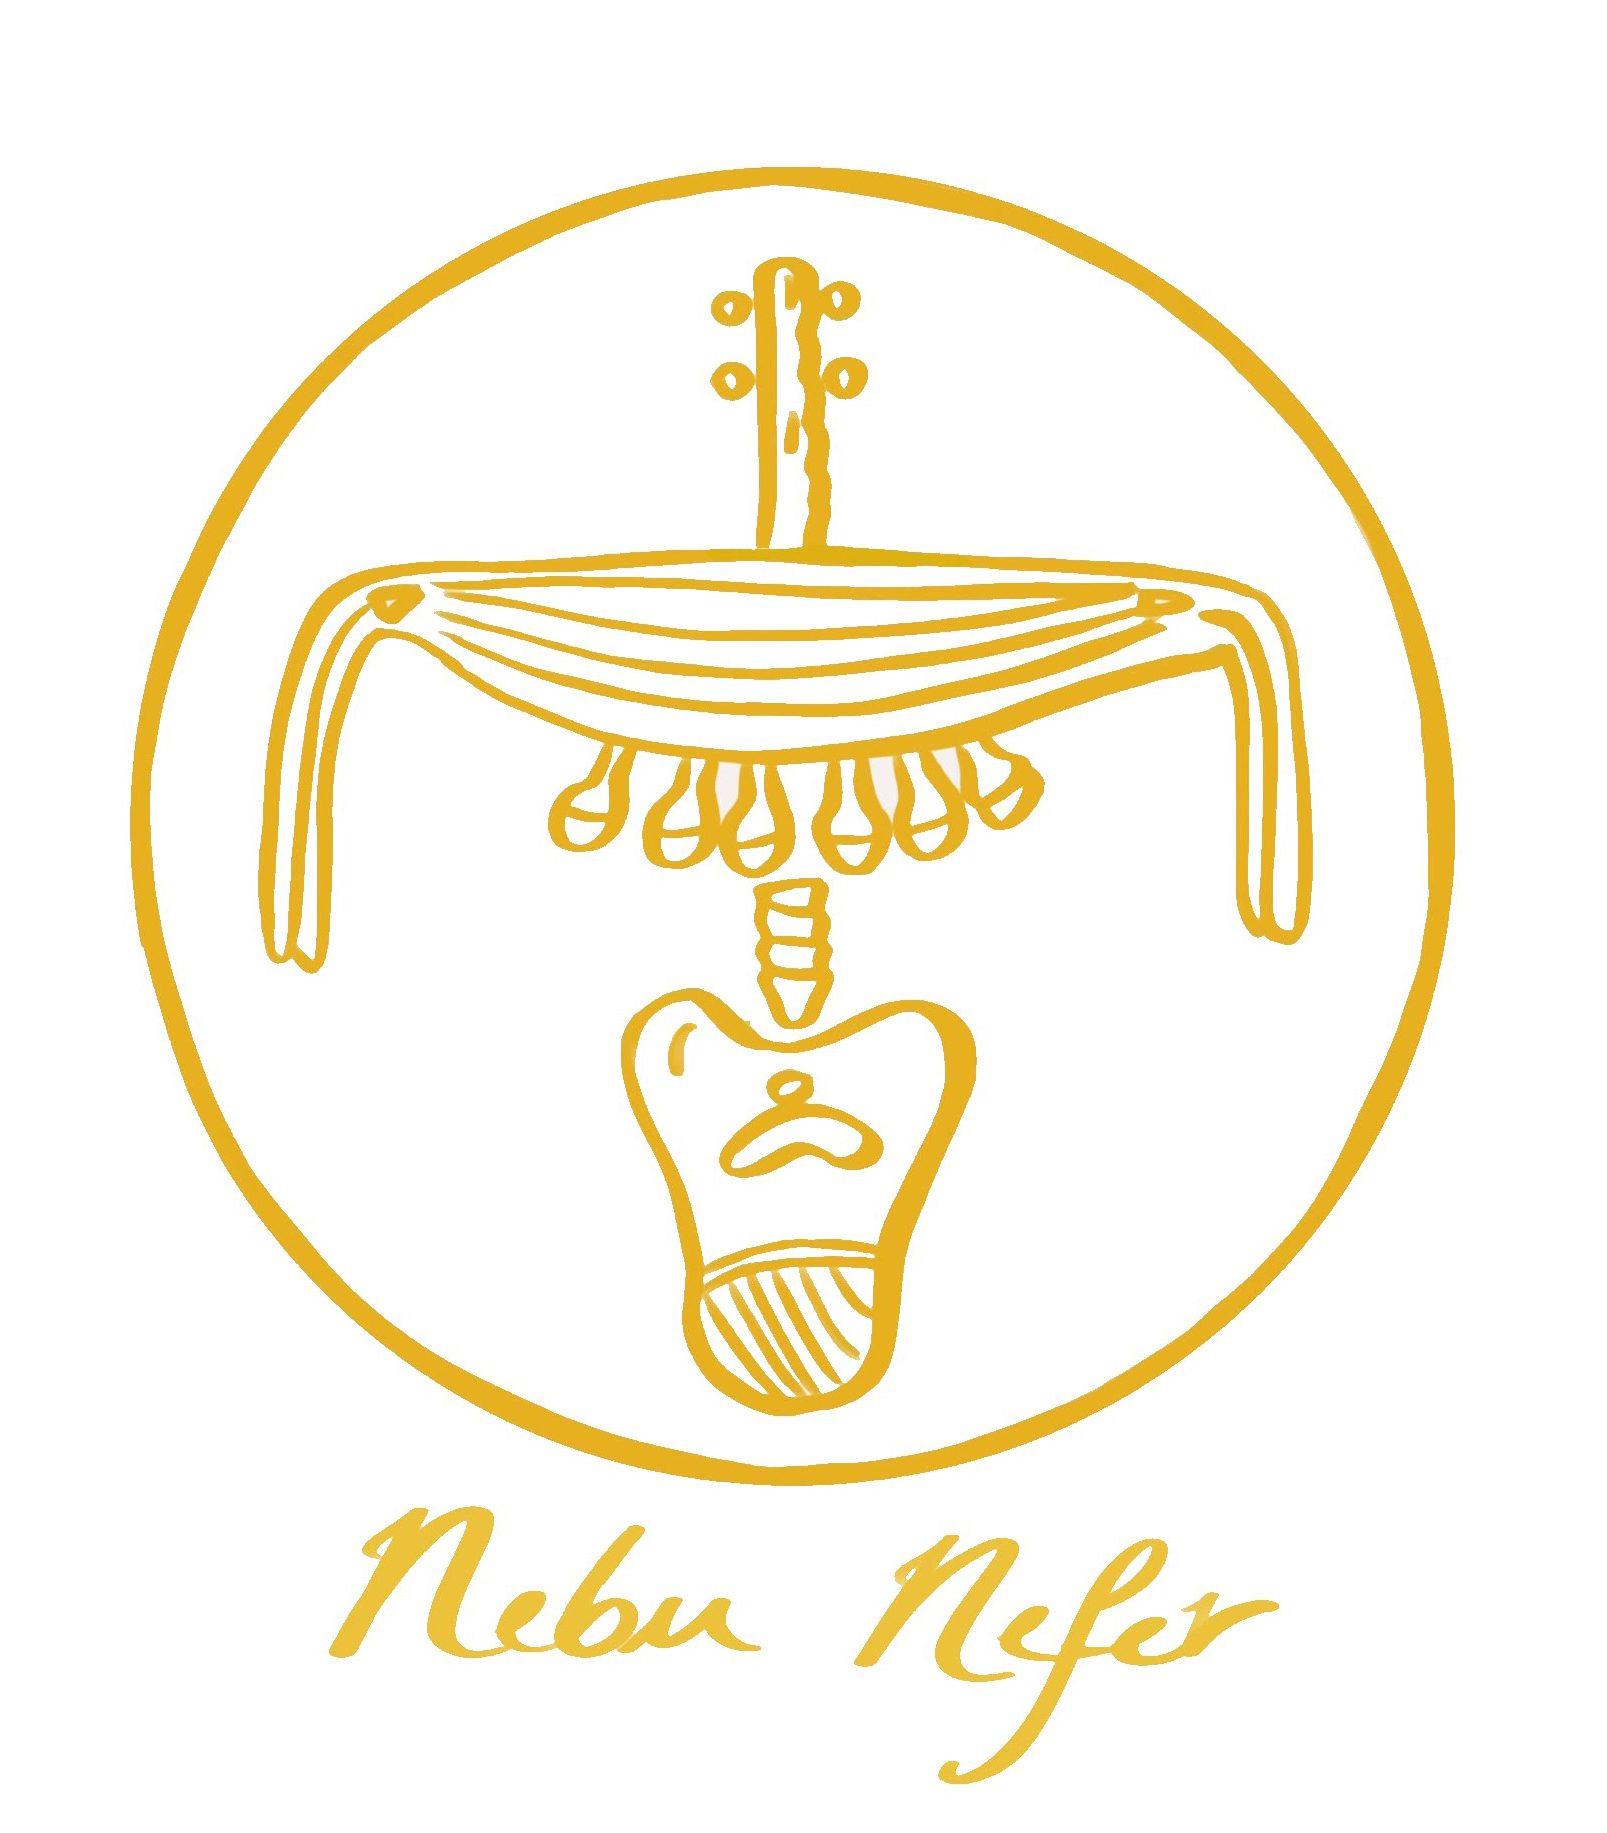 Nebu Nefer